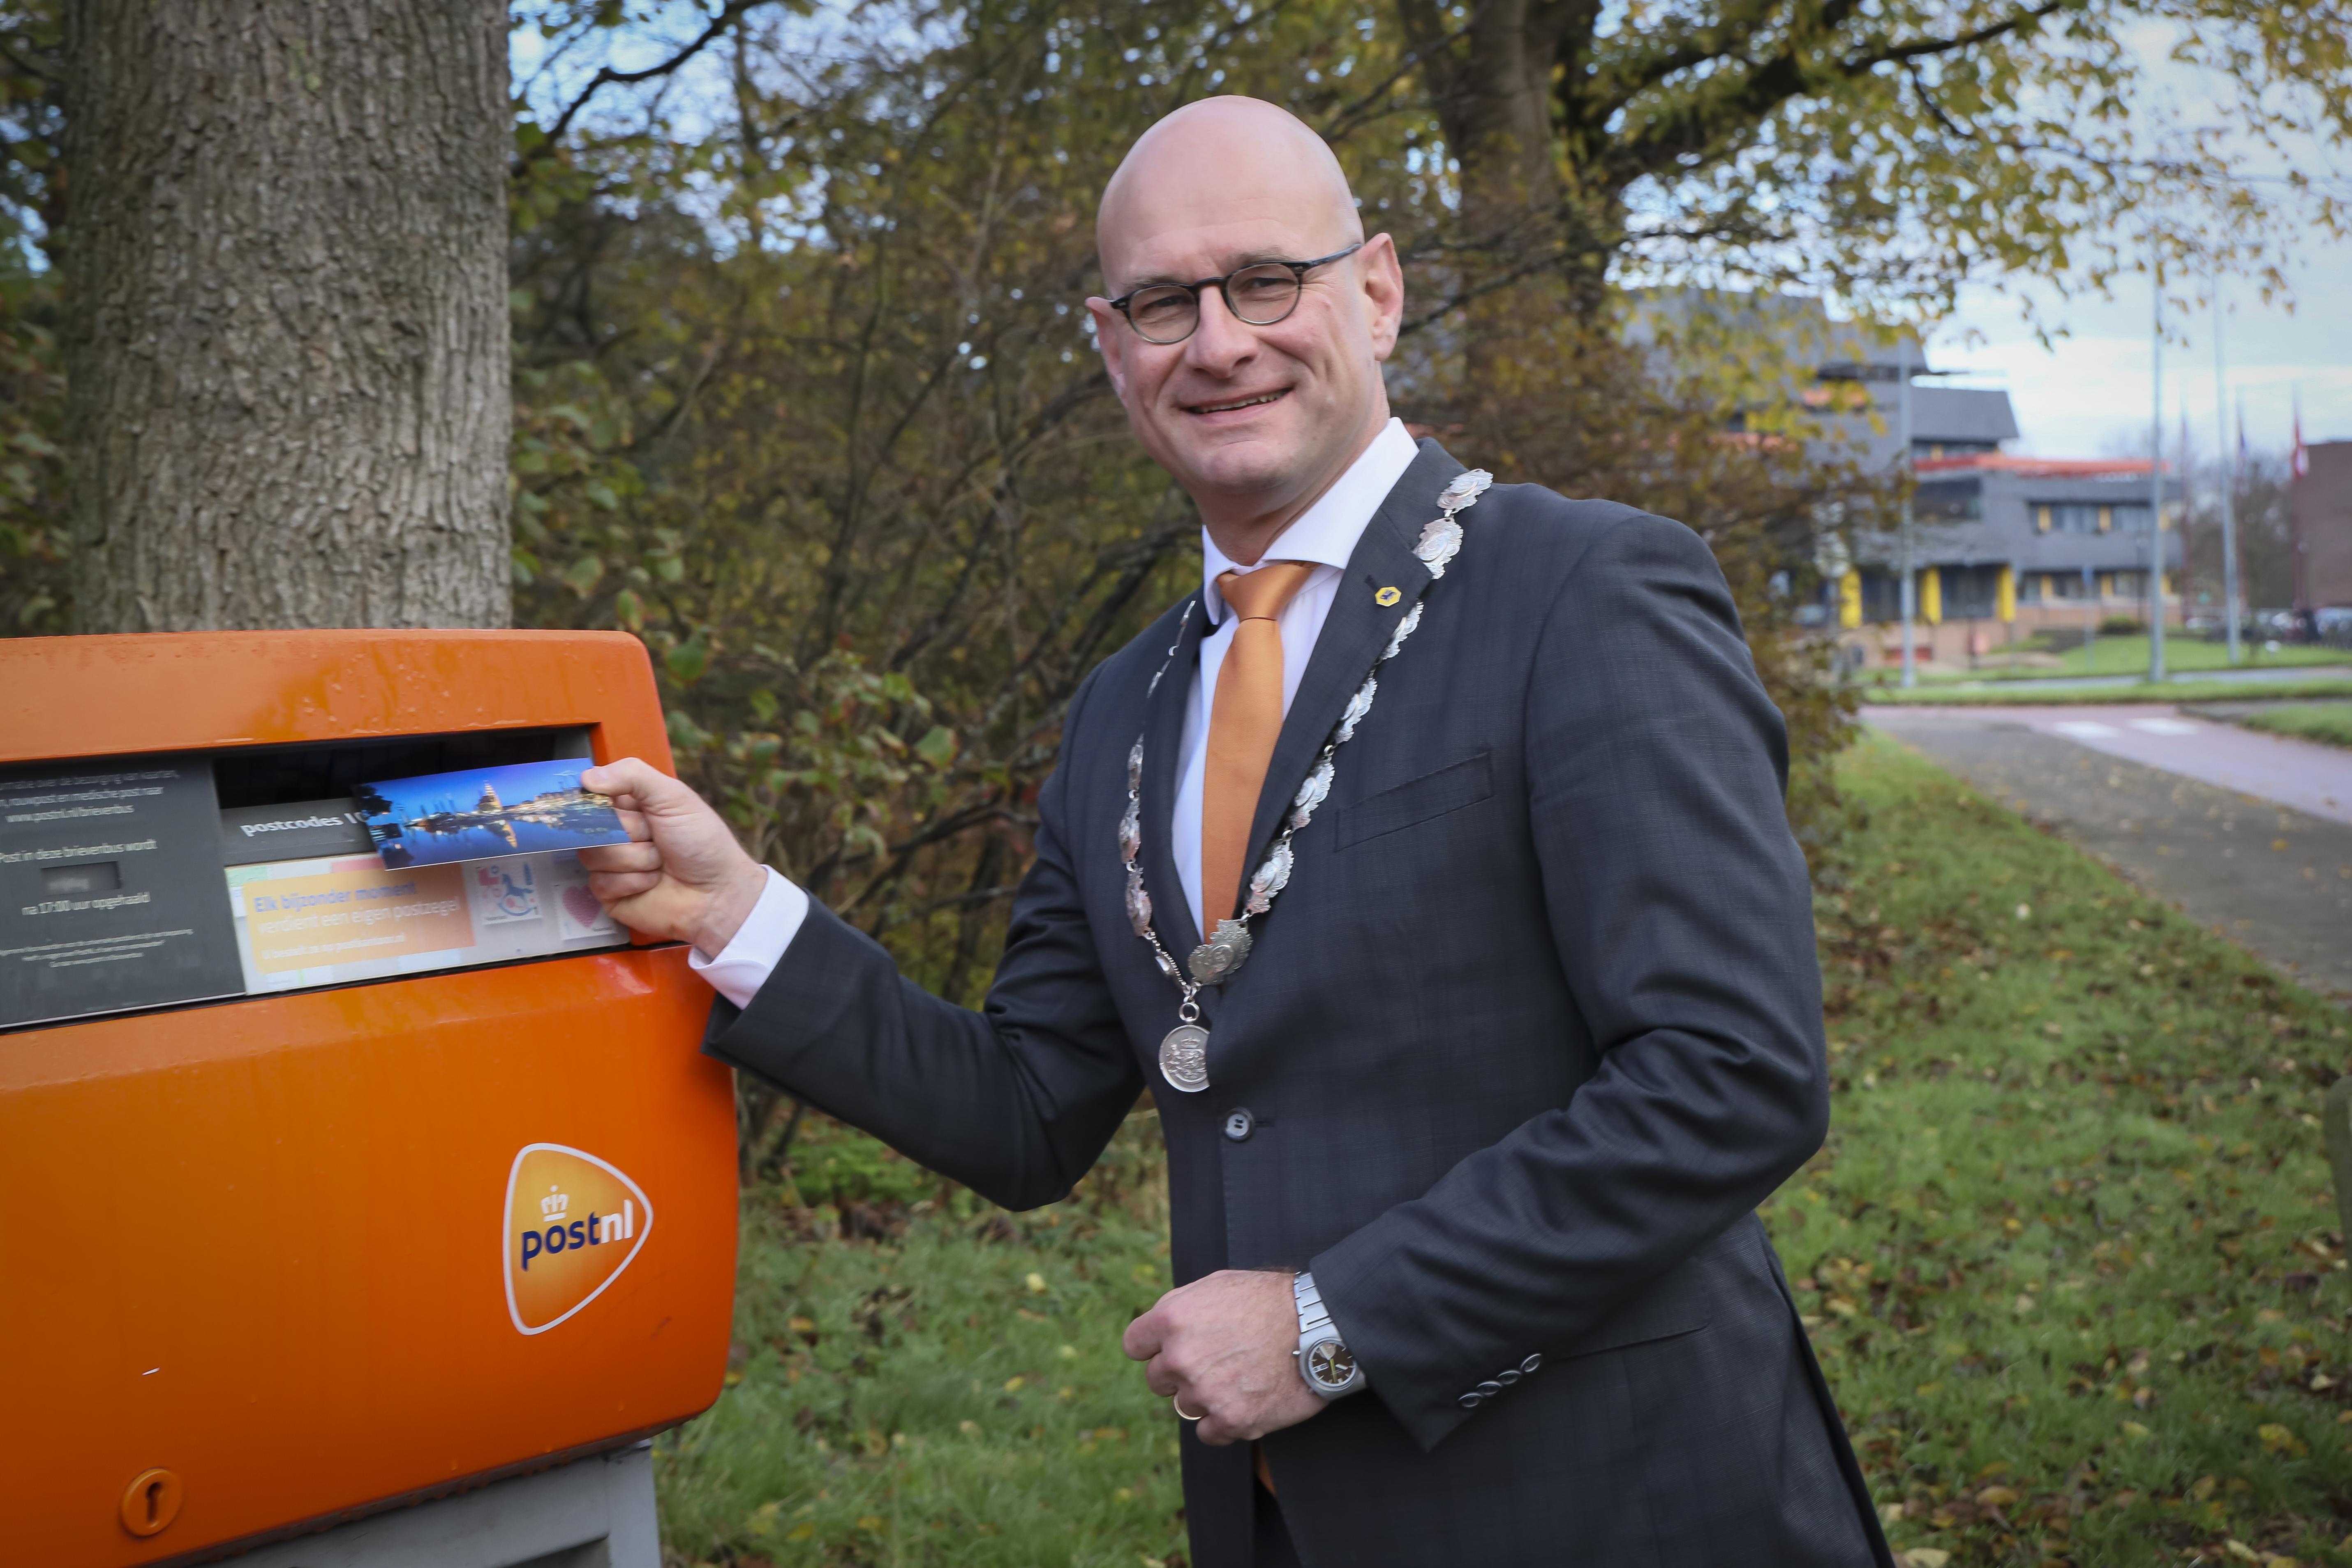 Gemeente Hoorn deelt huis aan huis ansichtkaarten uit 'om elkaar aandacht te geven'